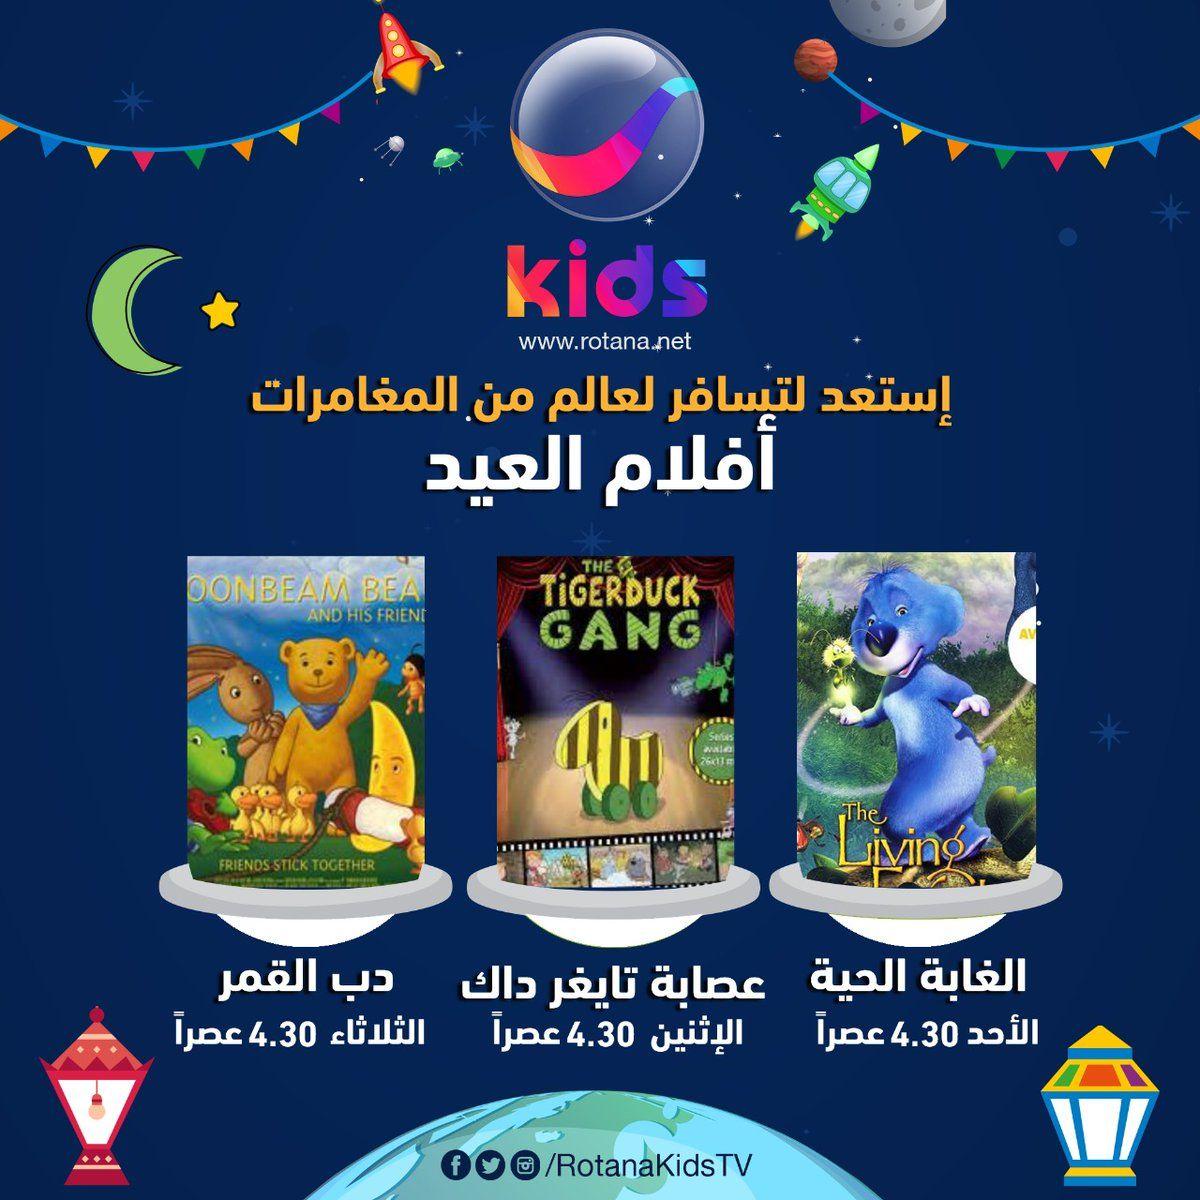 جدول أفلام قناة روتانا كيدز اليوم 24 5 2020 Kids Stick Pandora Screenshot